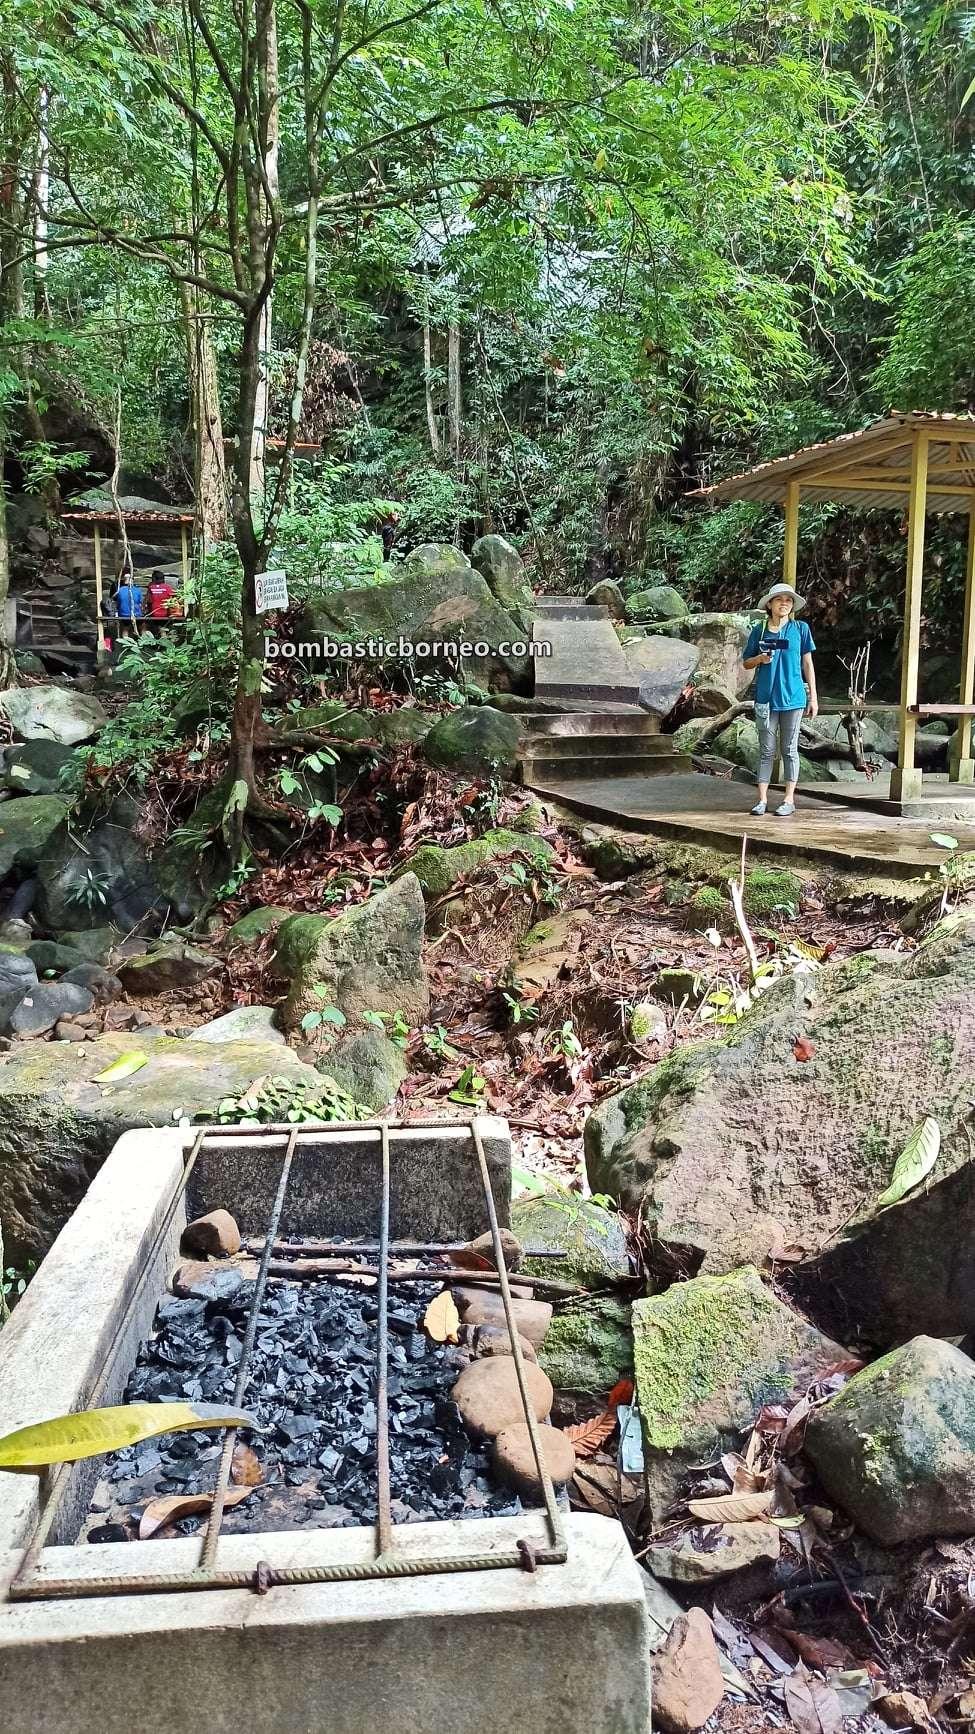 Air Terjun Satow, Bobak Village, nature, outdoor, alam, picnic, destination, Sarawak, Malaysia, tarikan pelancong, Tourism, Borneo, 探索婆罗洲大自然, 砂拉越古晋瀑布, 石隆门旅游景点